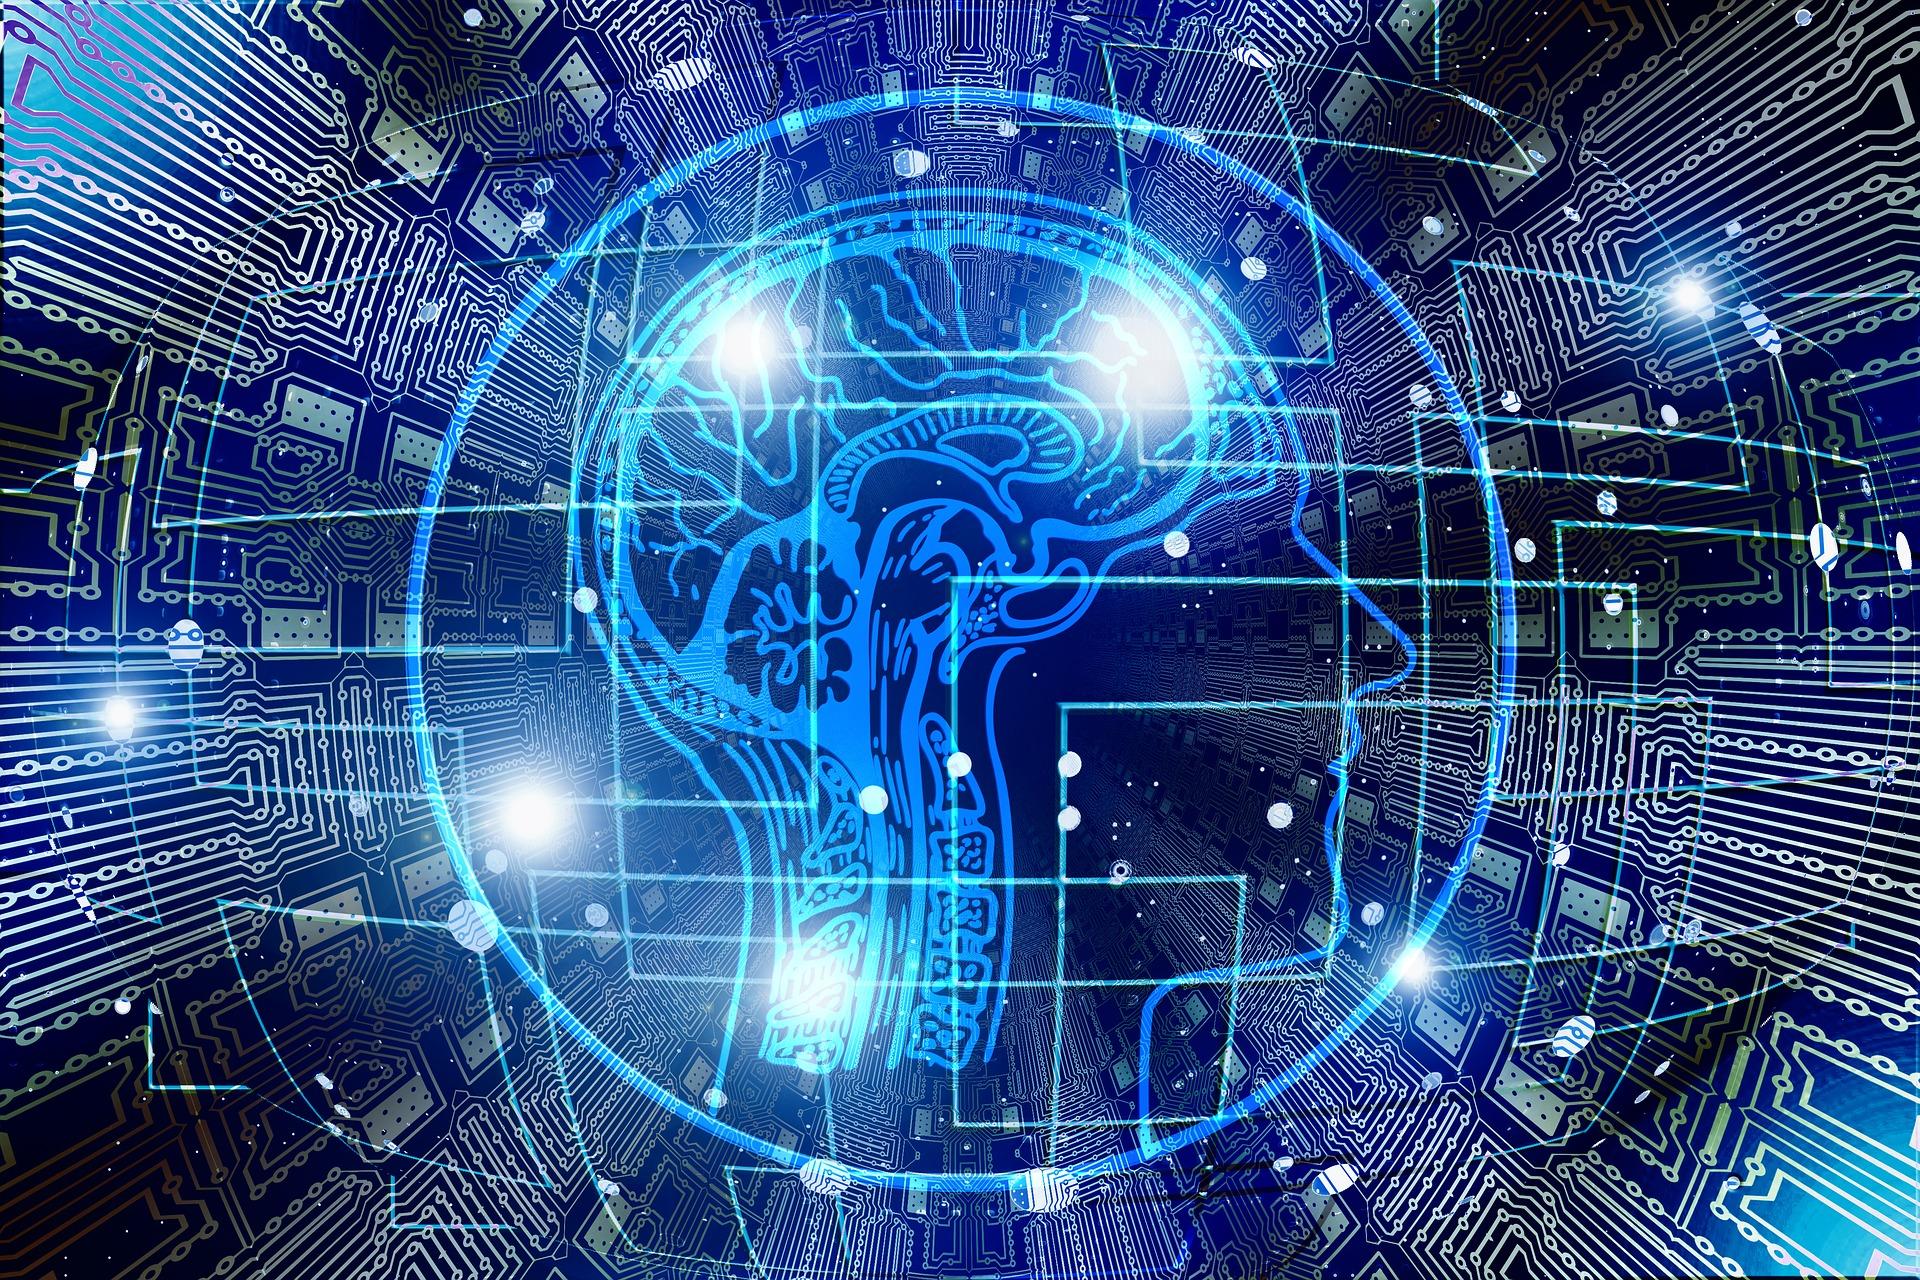 Die Firma roTeg forscht auch zum Thema Machine Learning